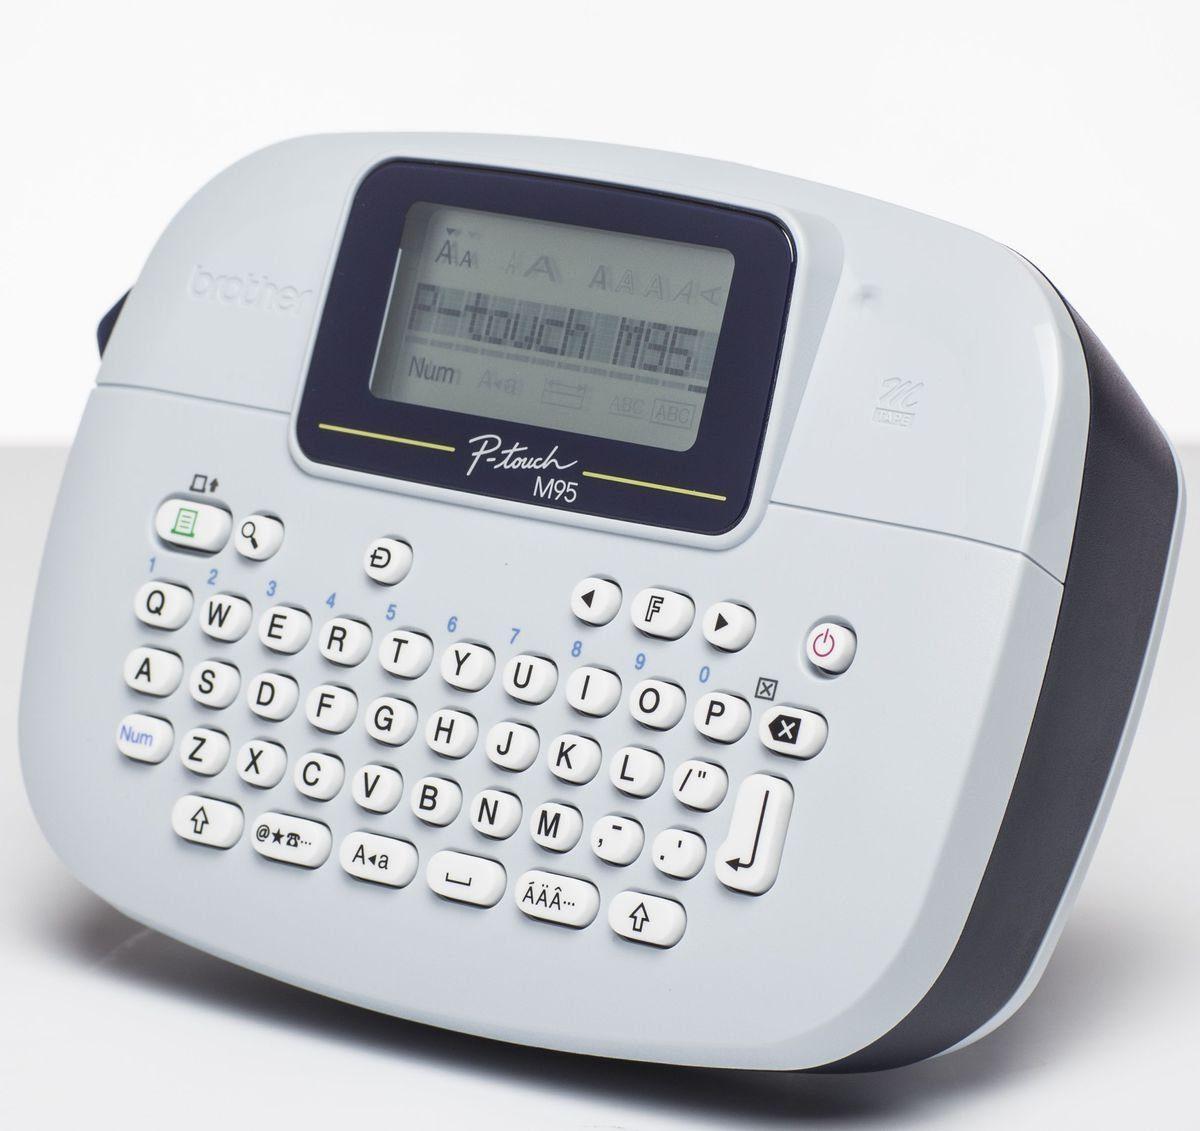 Brother Beschriftungsgerät »P-touch M95 Desktop Beschriftungsgerät«